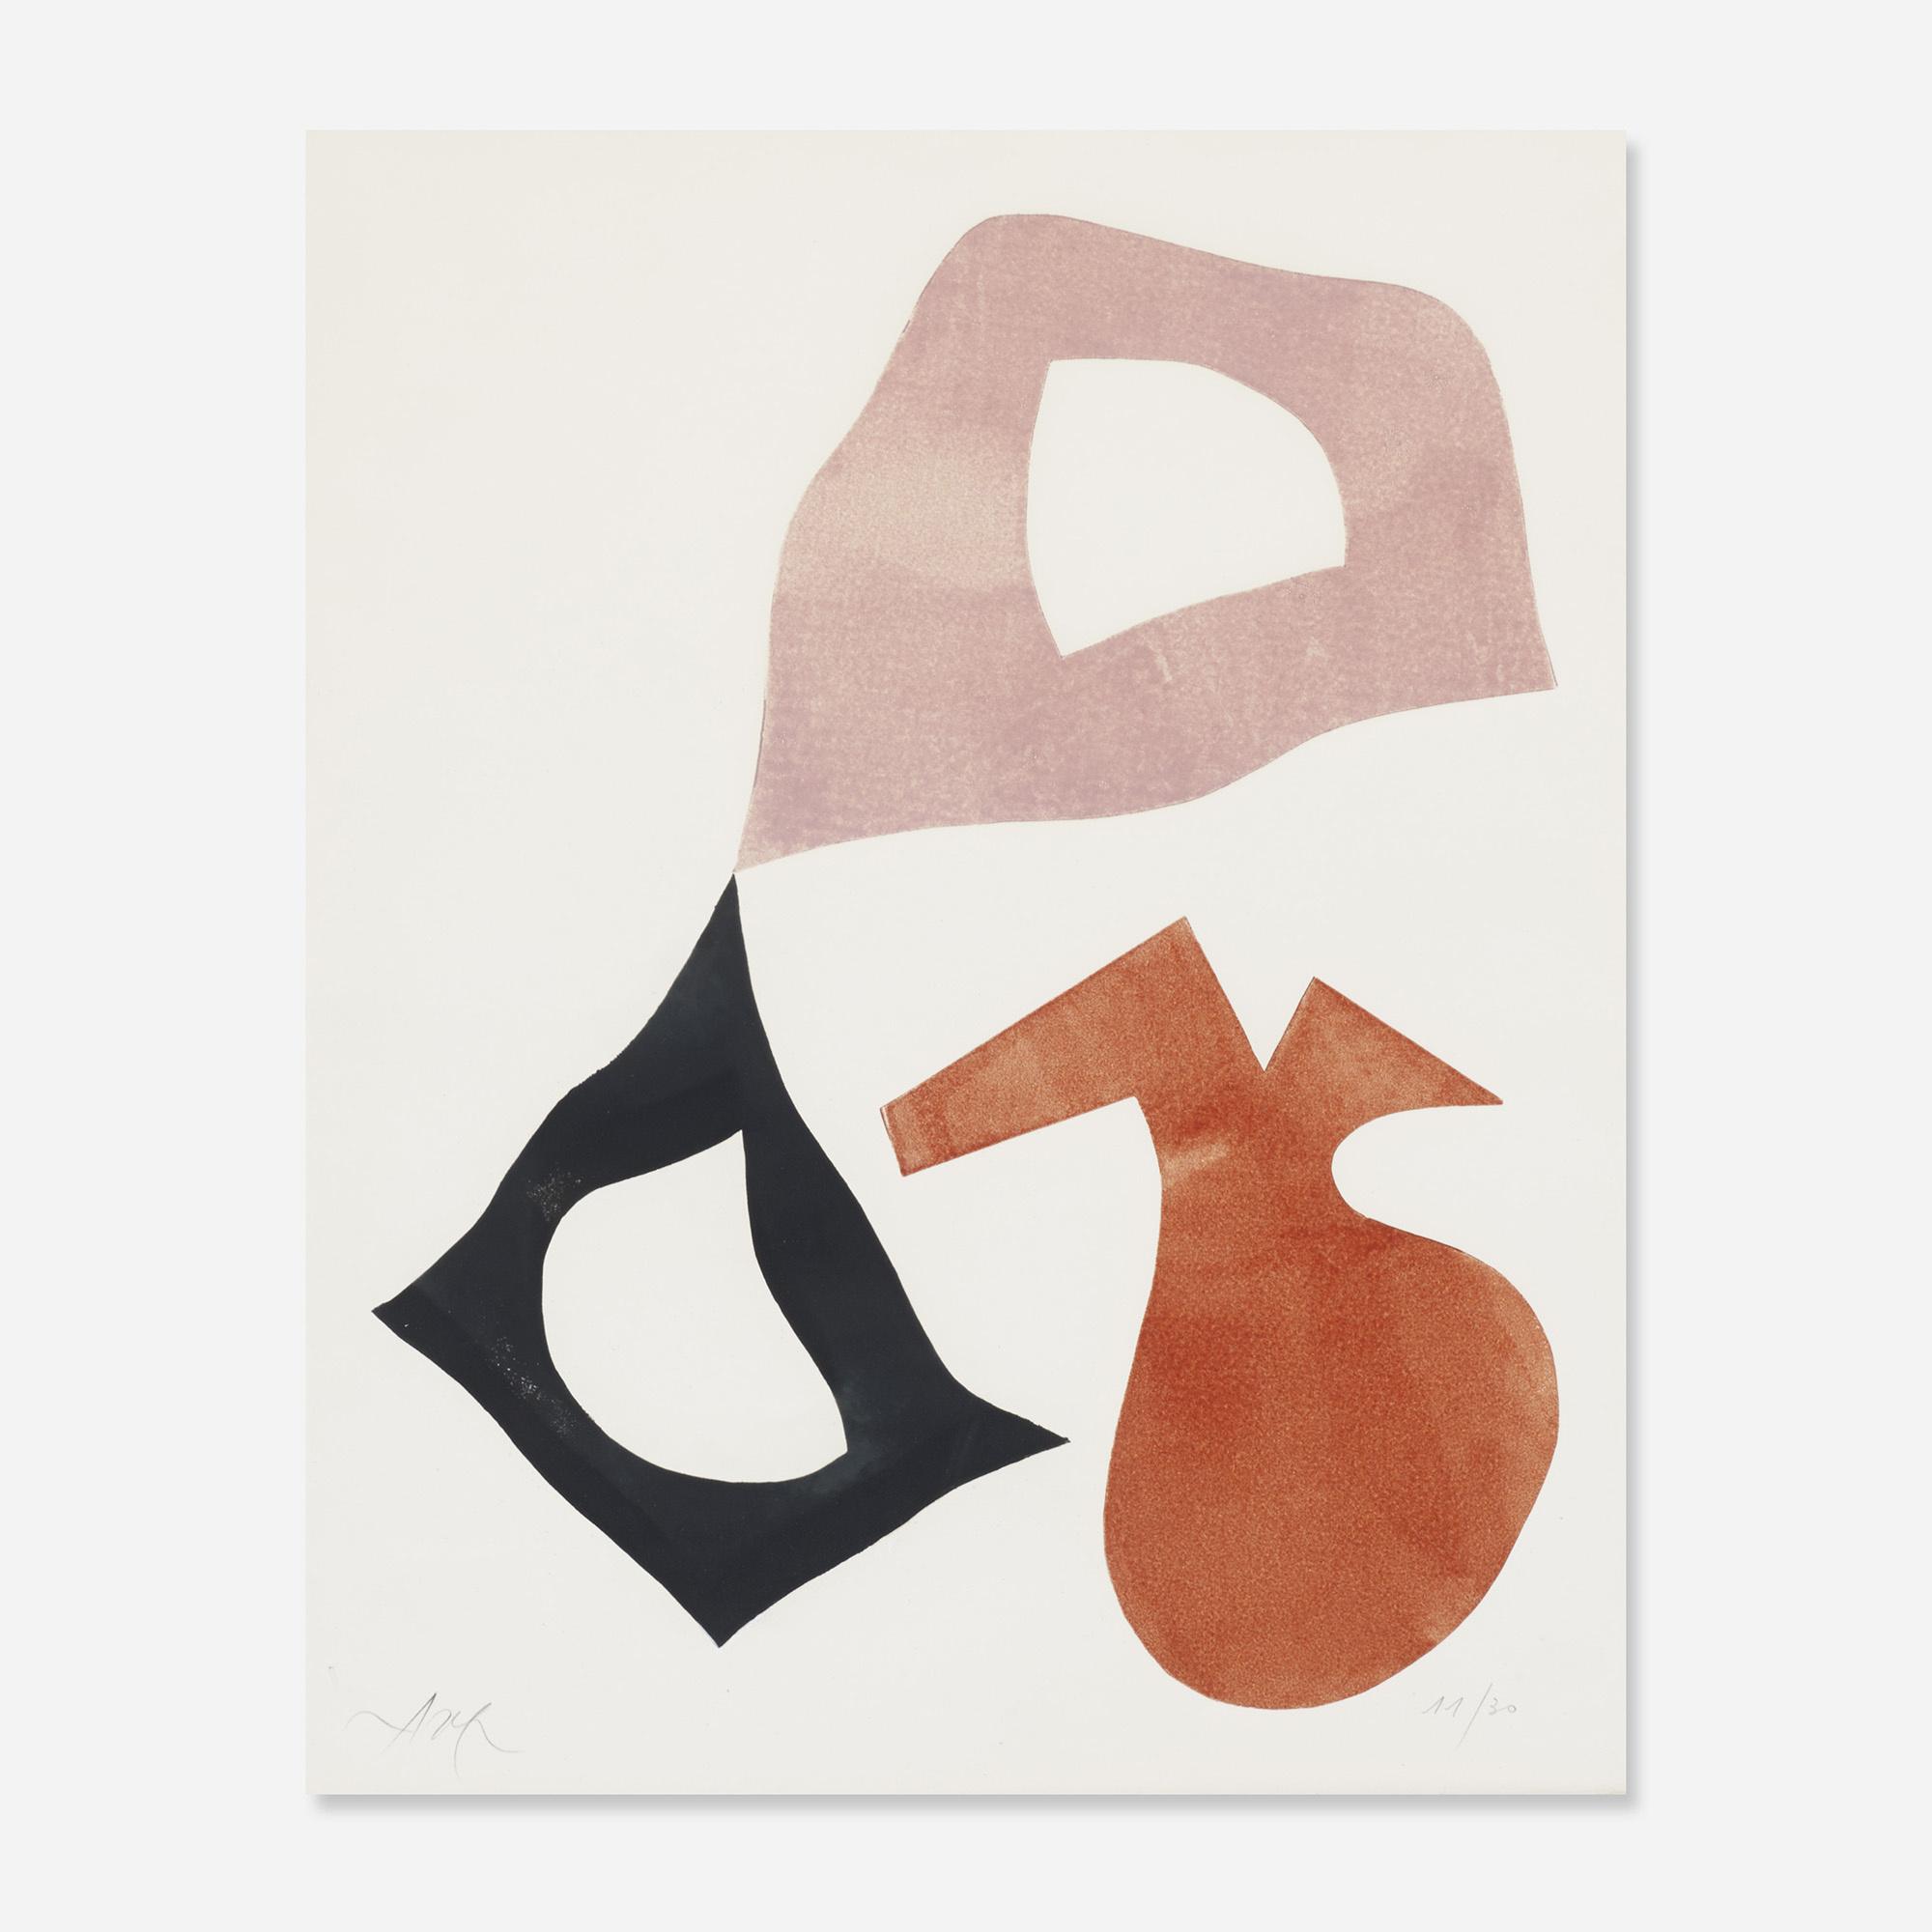 368_1_art_design_september_2014_jean_hans_arp_trois_formes__wright_auction.jpg